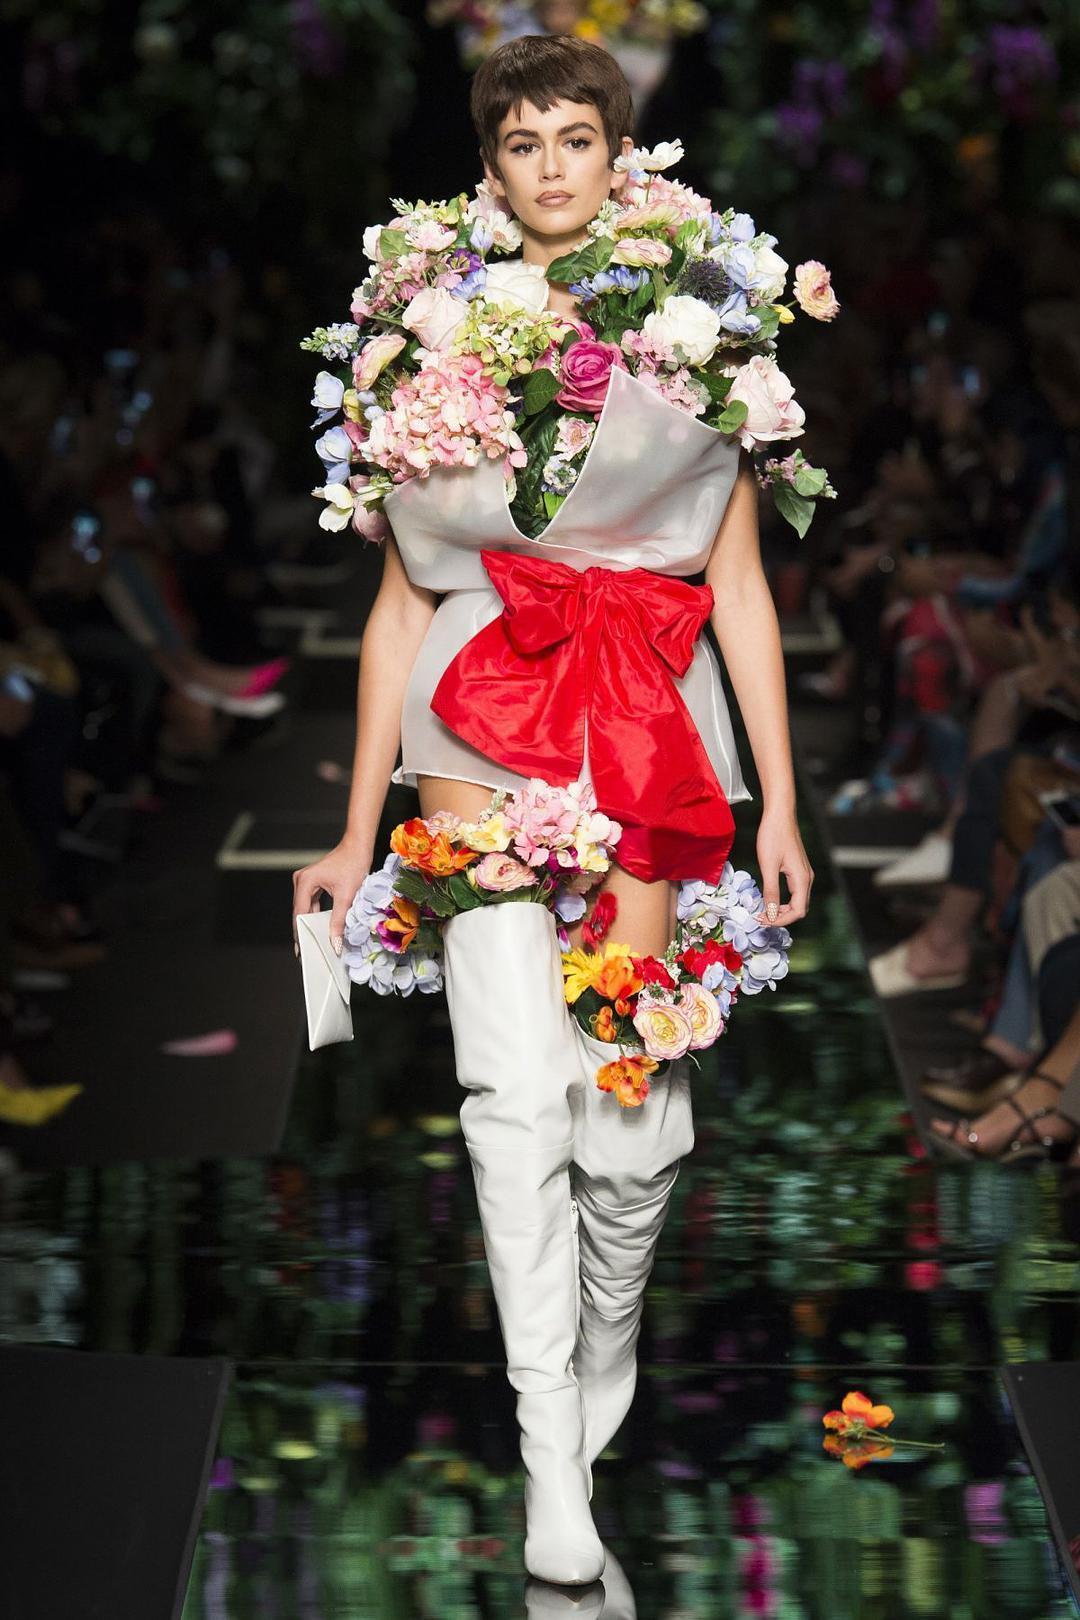 越「花」越美的時尚法則,超前審美原來是這樣煉成的!